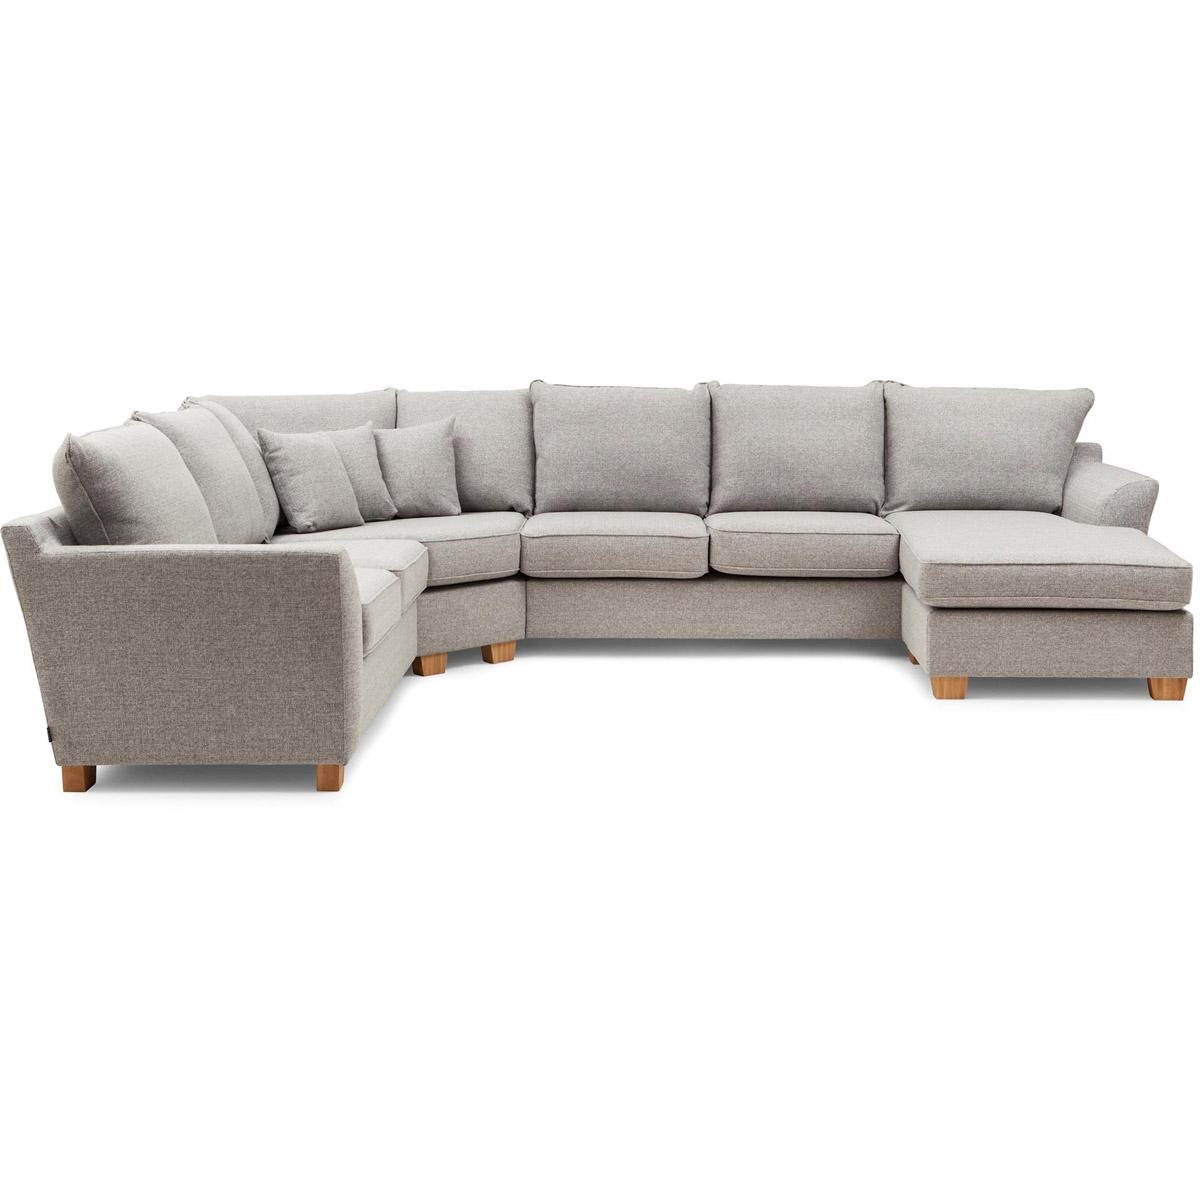 Mello hörnsoffa med divan ljusgrå